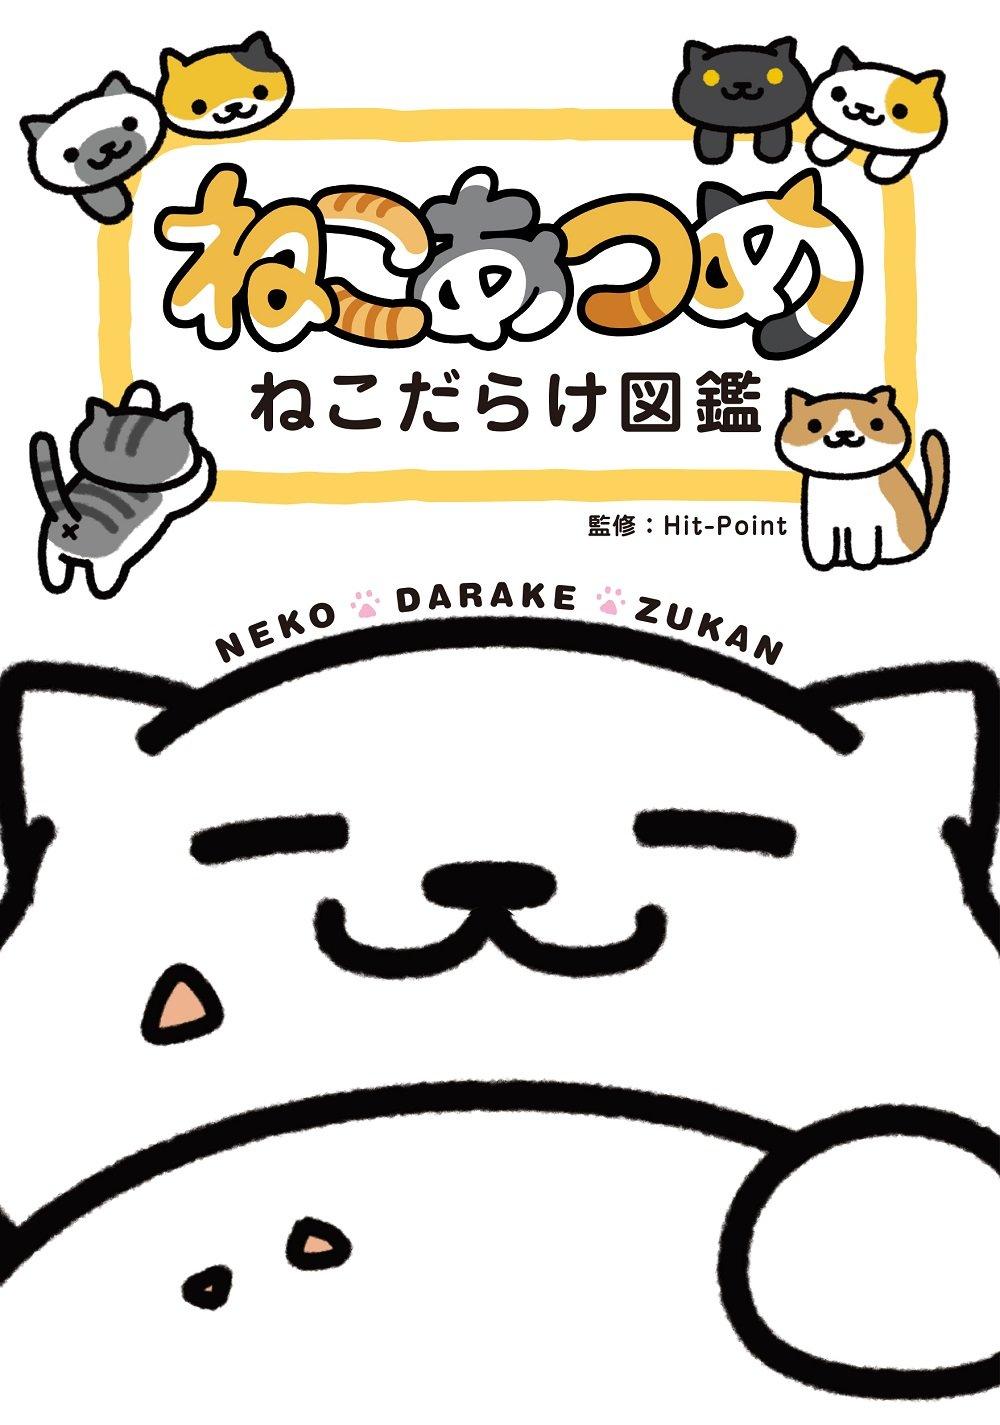 【猫グッズ】ついに書籍化!?大人気の猫アプリ「ねこあつめ」のキャラクターブックが登場!!-ねこあつめ ねこだらけ図鑑-